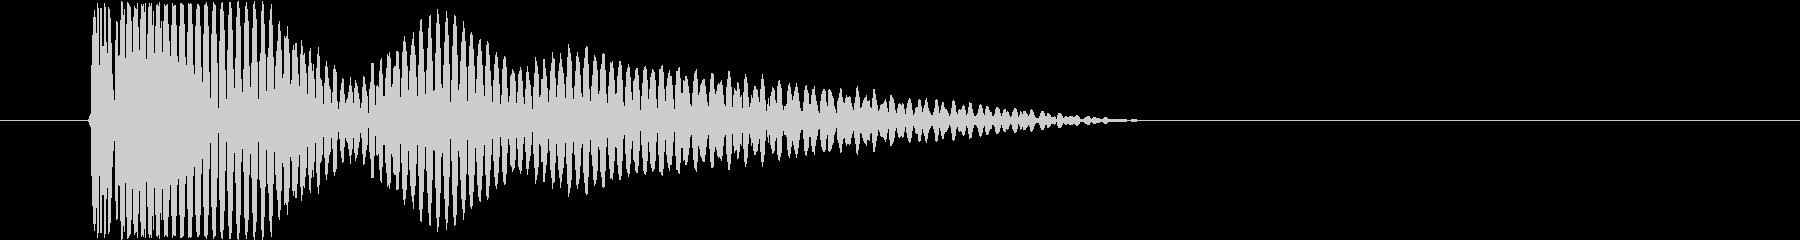 ボーン(シンセ)の未再生の波形